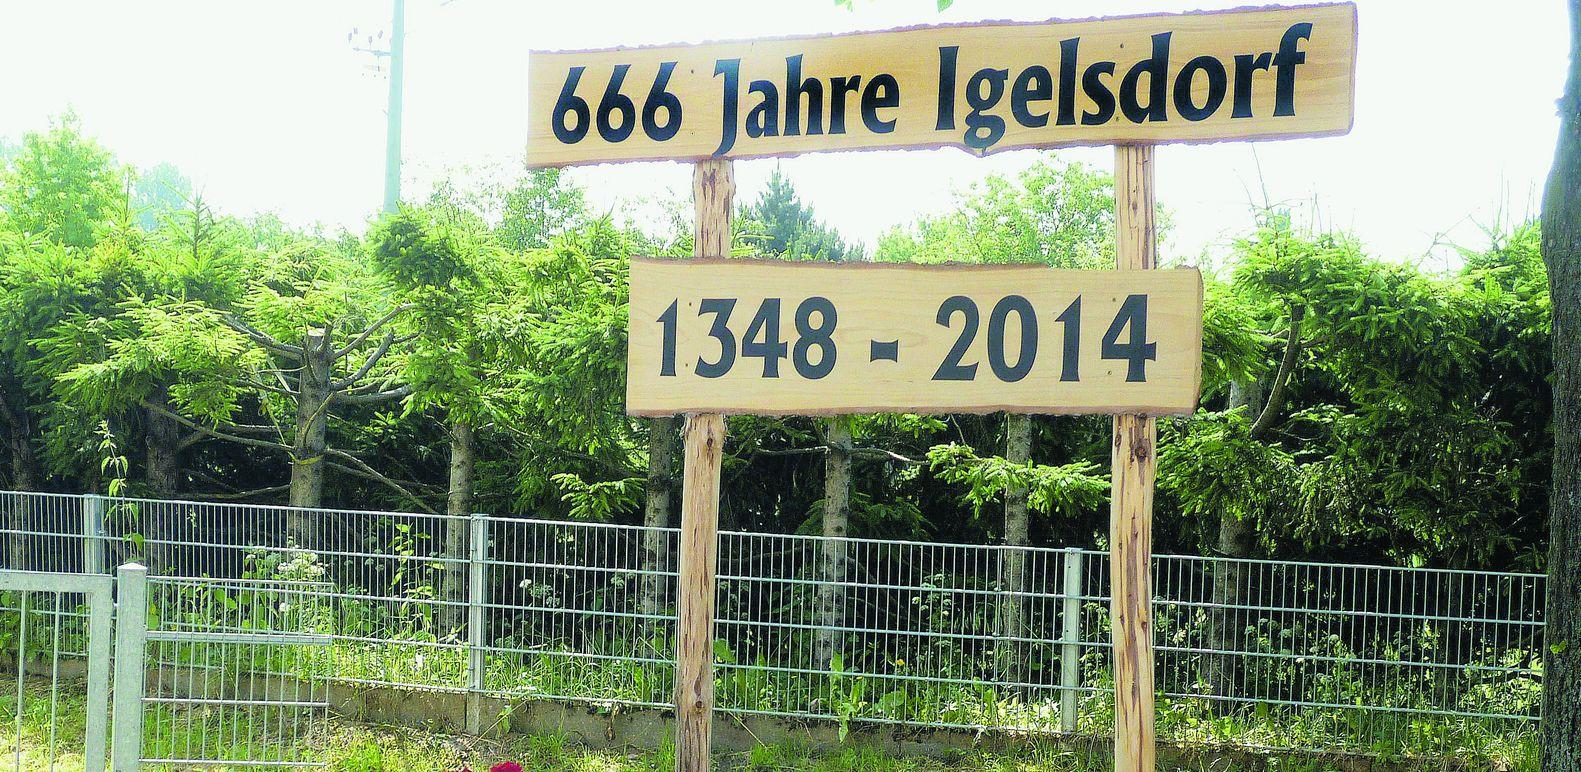 Rund um den Dorfbrunnen, den es heute nicht mehr gibt, wurde Kirchweih gefeiert, wie hier 1947. Damals hatten die Igelsdorfer noch drei Gasth�user.Foto: privat